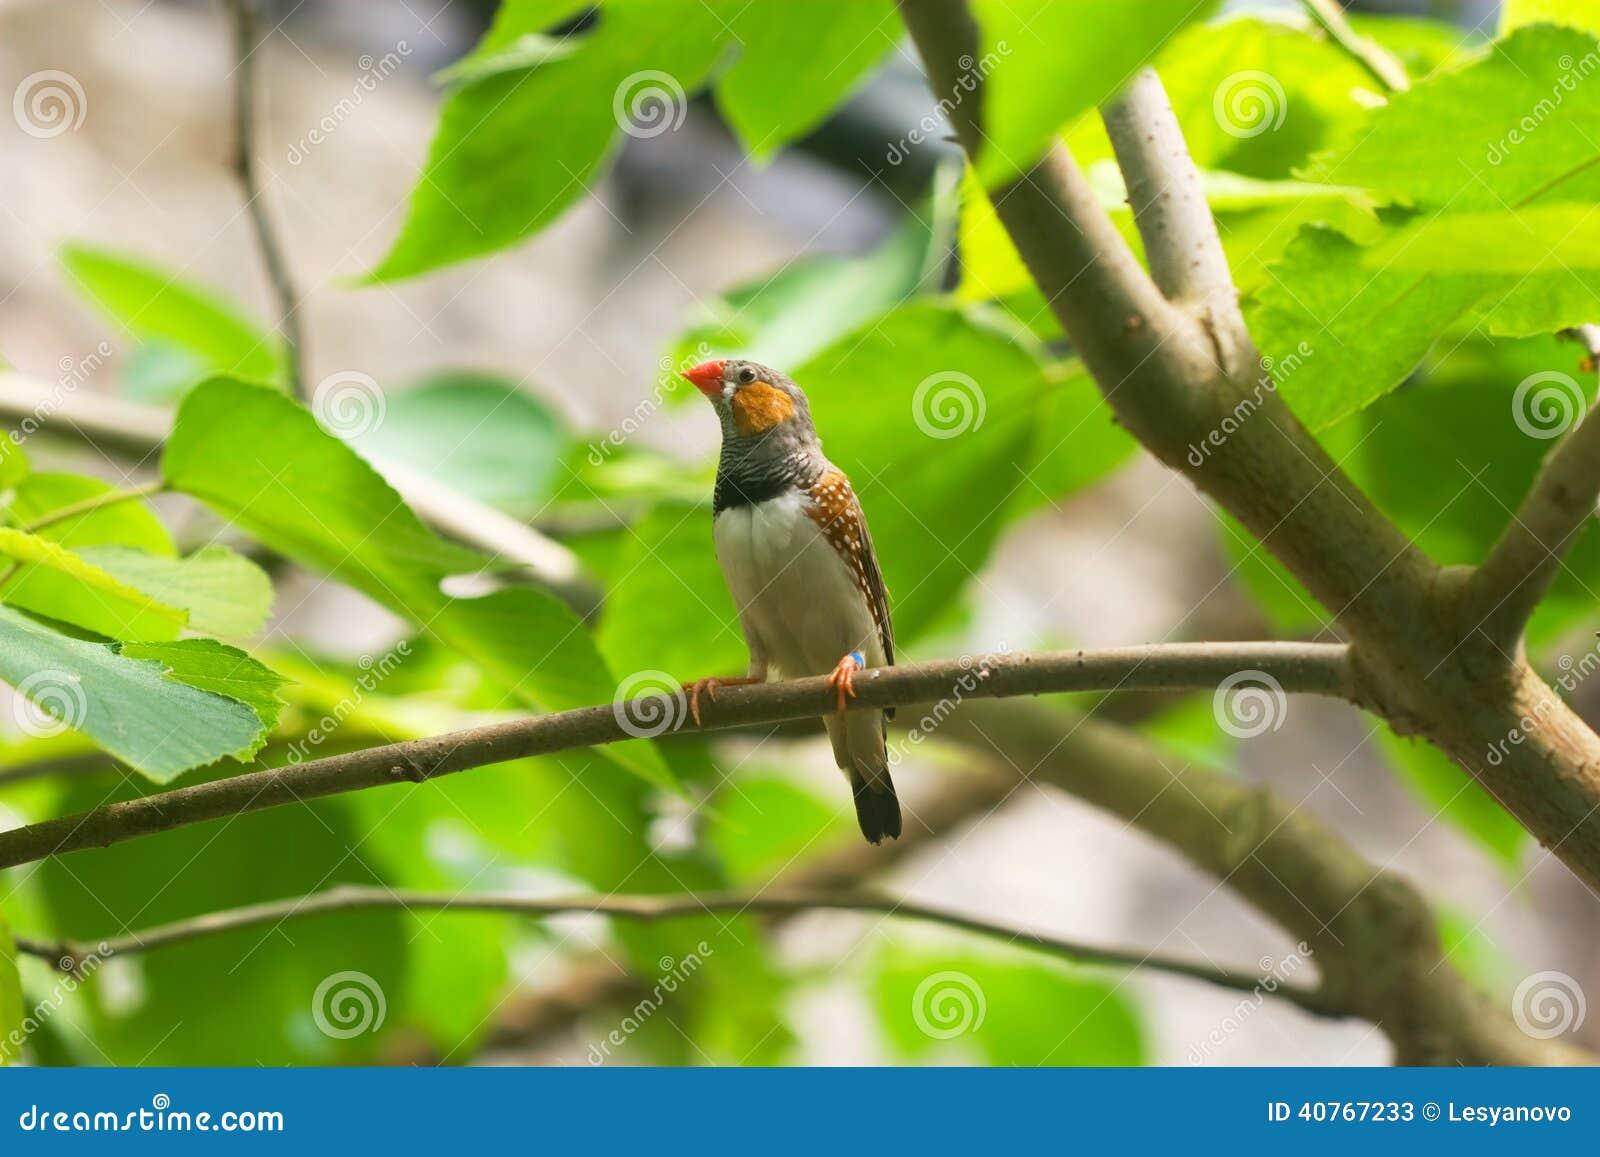 Oiseau avec le bec orange sur une branche d 39 arbre photo for Oiseau noir bec orange